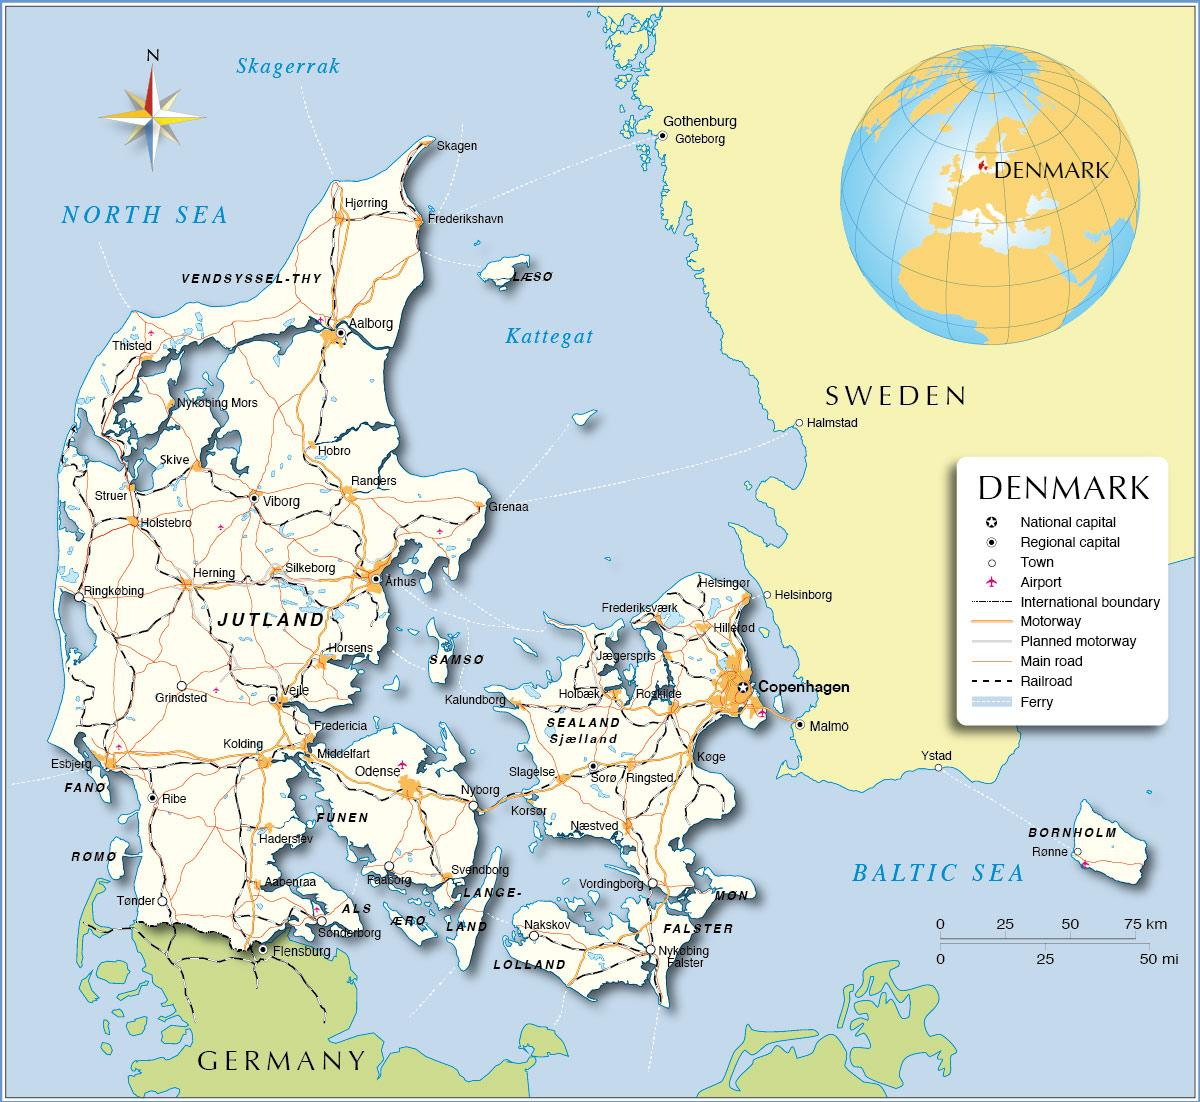 Danmark Ports Kort Kort Over Danmark Porte I Det Nordlige Europa